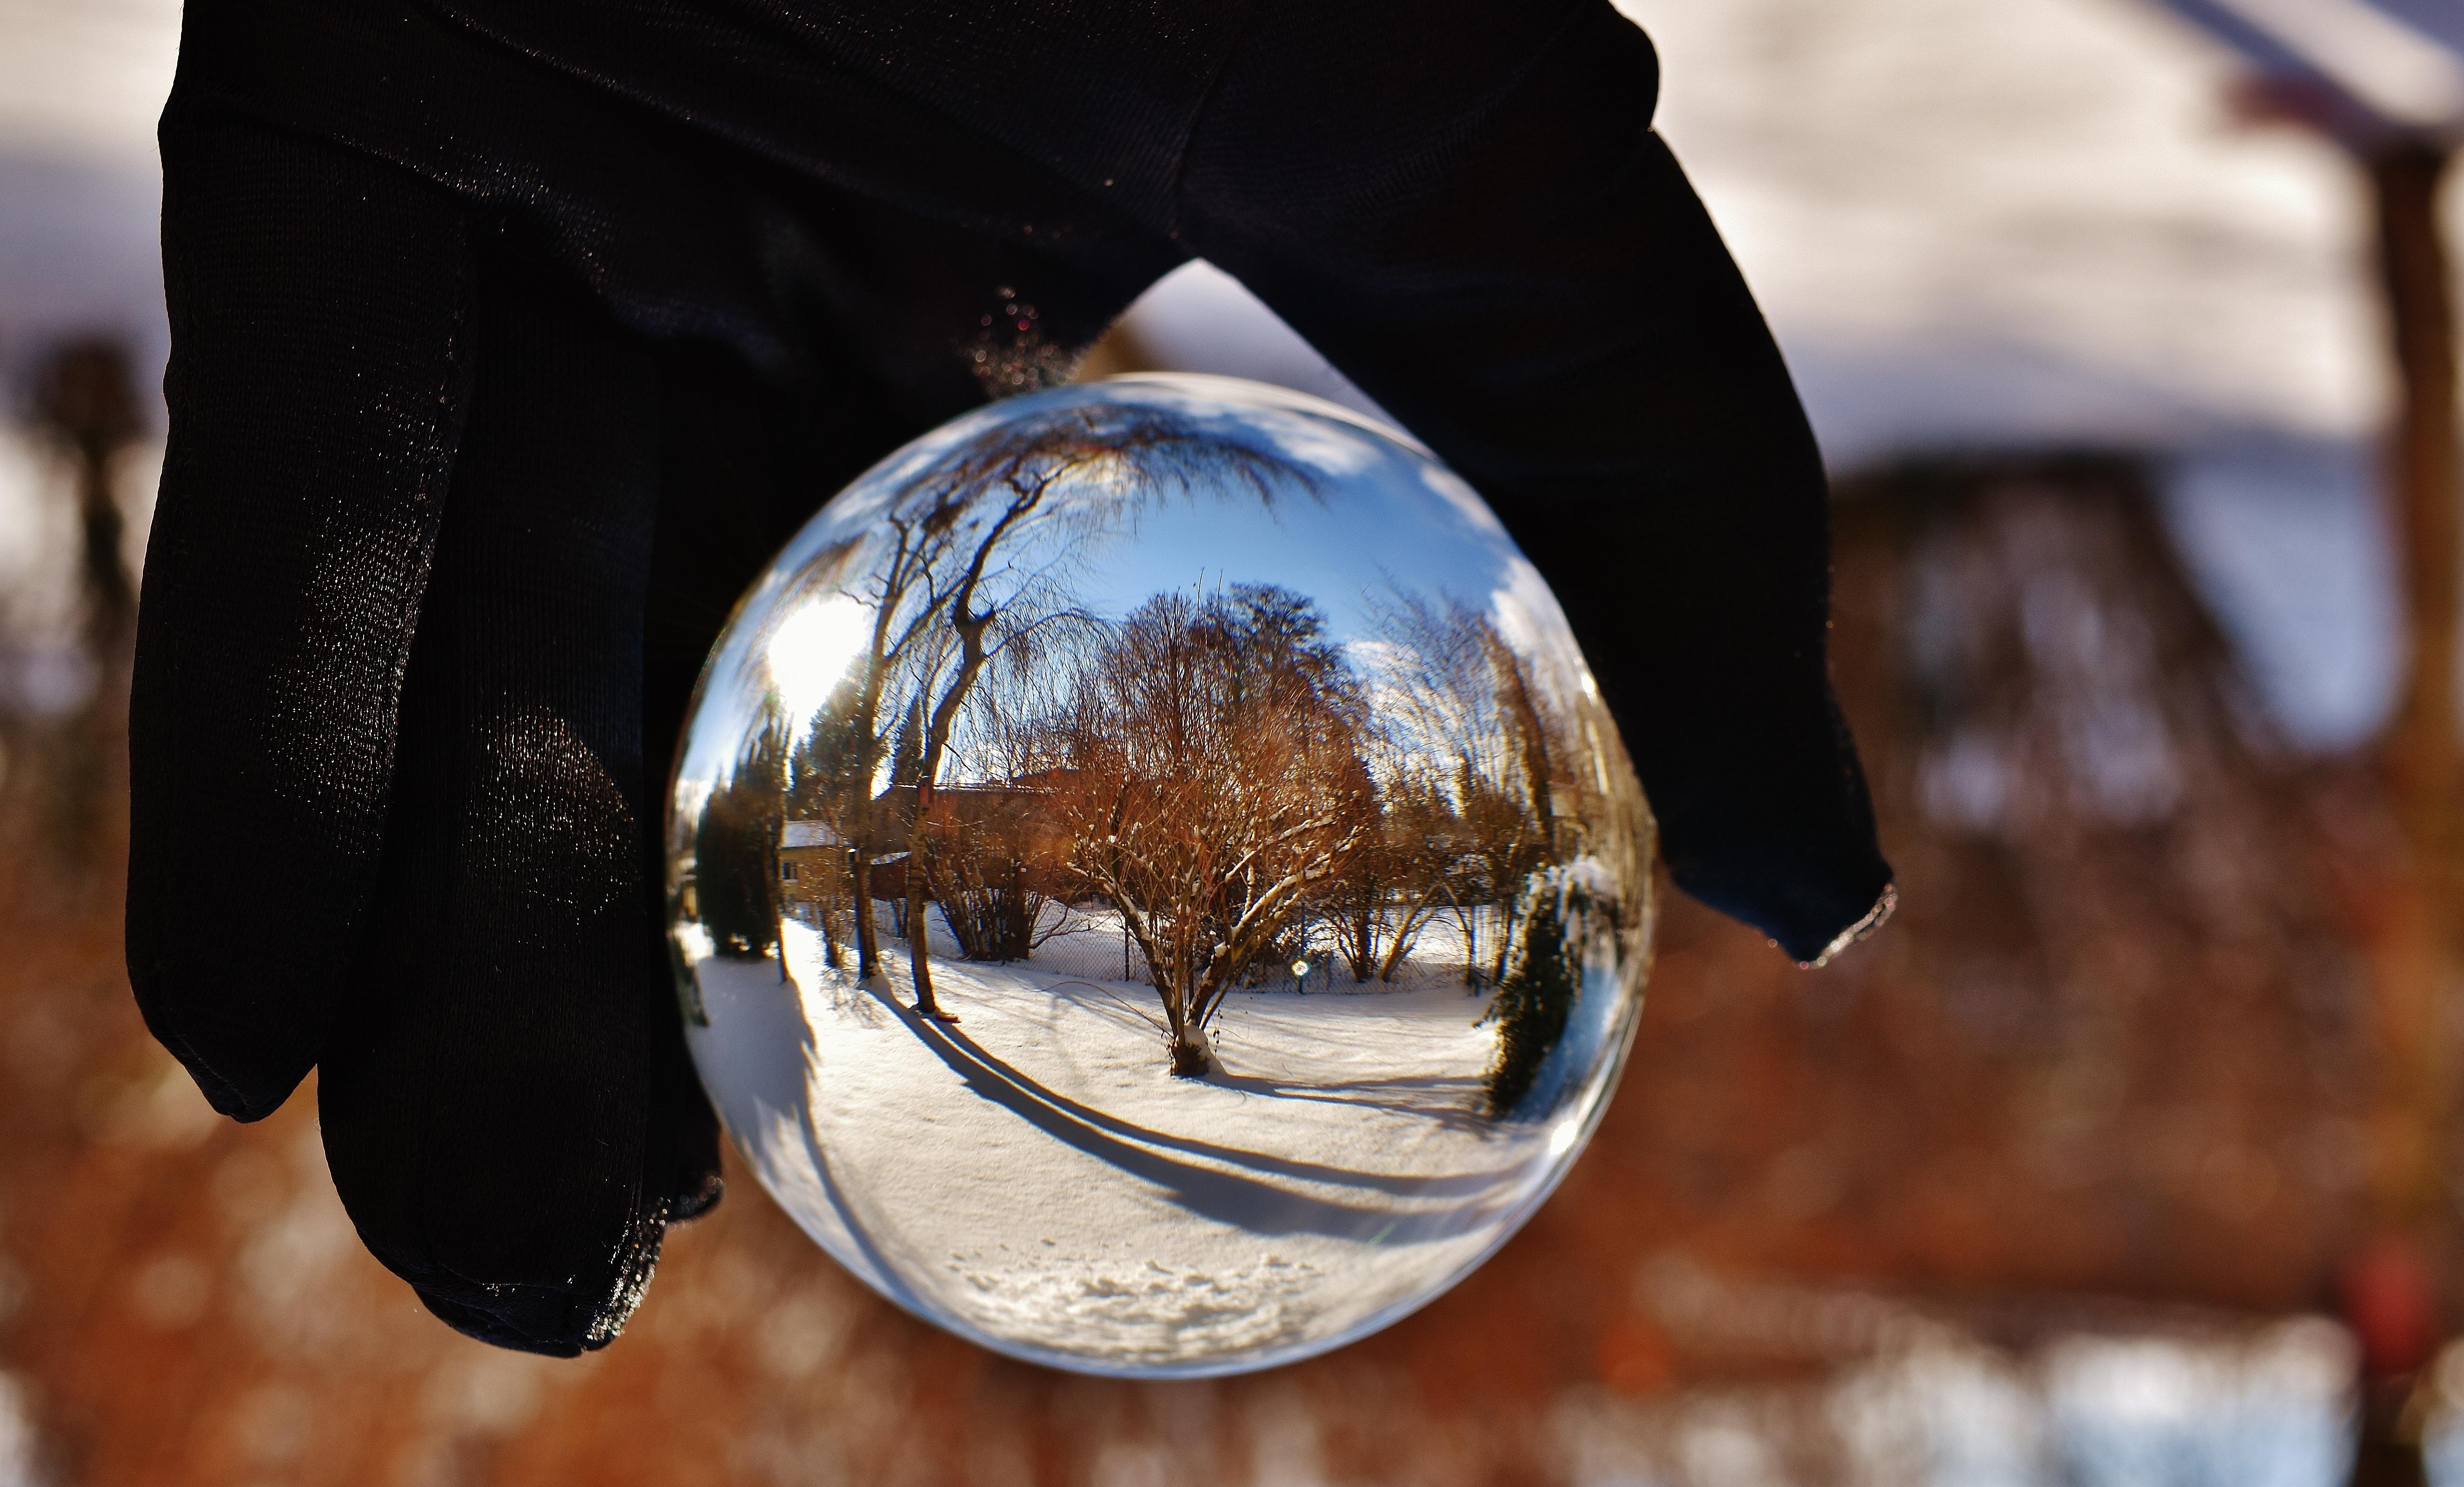 Images gratuites paysage neige hiver lumi re soleil - Arbre boule de neige ...